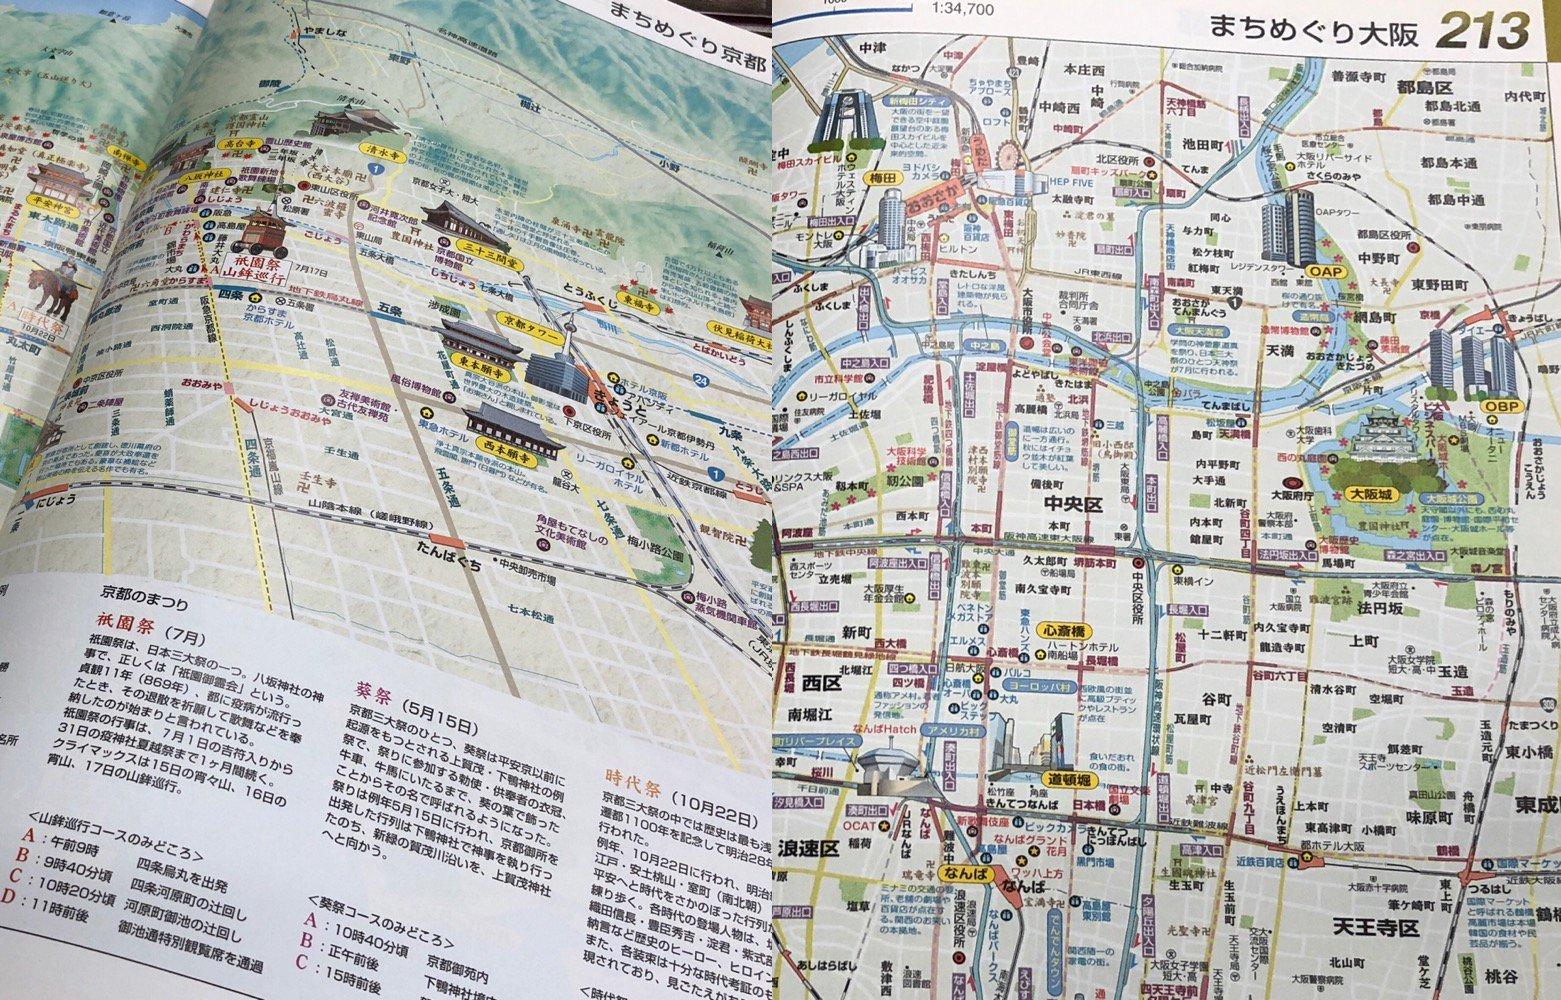 まちめぐり京都。まちめぐり大阪。  アトラスRDX 関西道路地図 B5 (2004年3月発行) https://t.co/JJBwKV44Ss